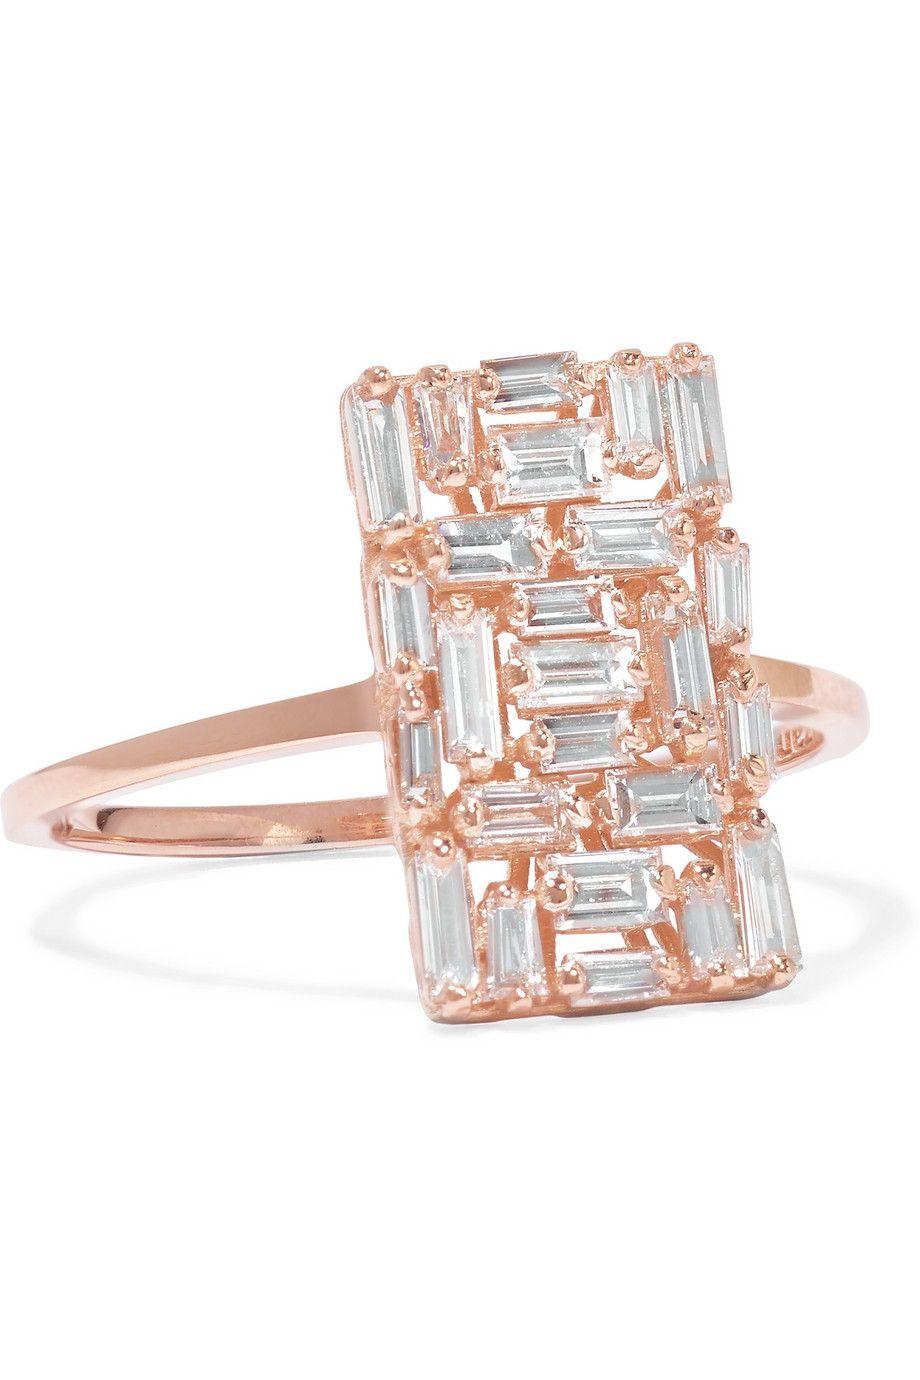 Suzanne Kalan 18-karat Rose Gold Ring tpeojL